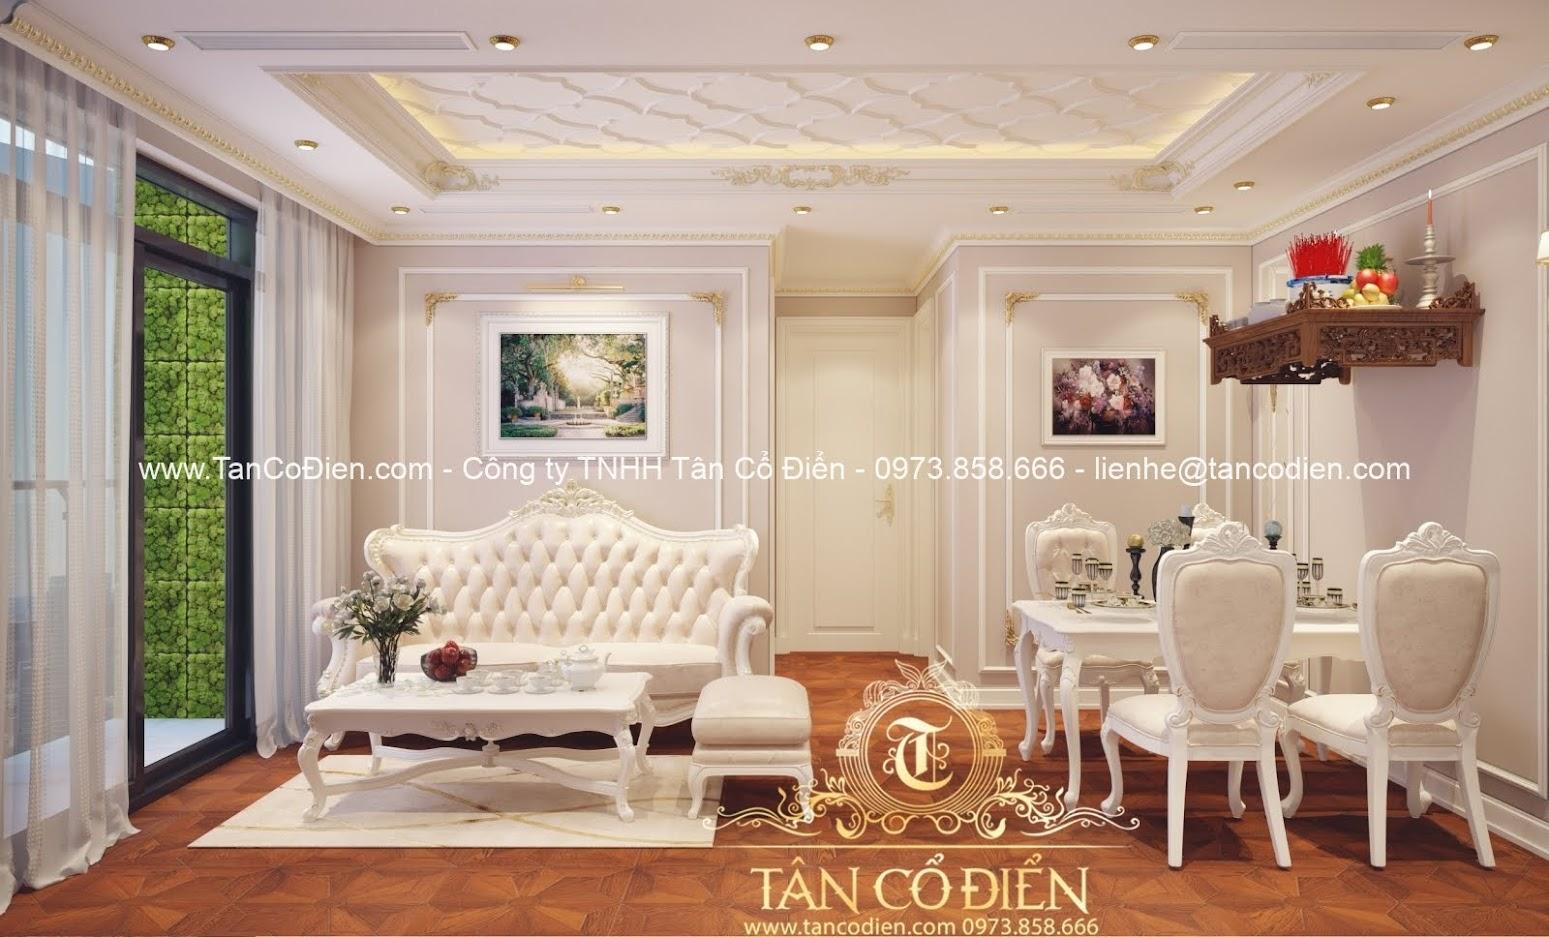 Nội thất phòng khách cổ điển đẹp và sang trọng